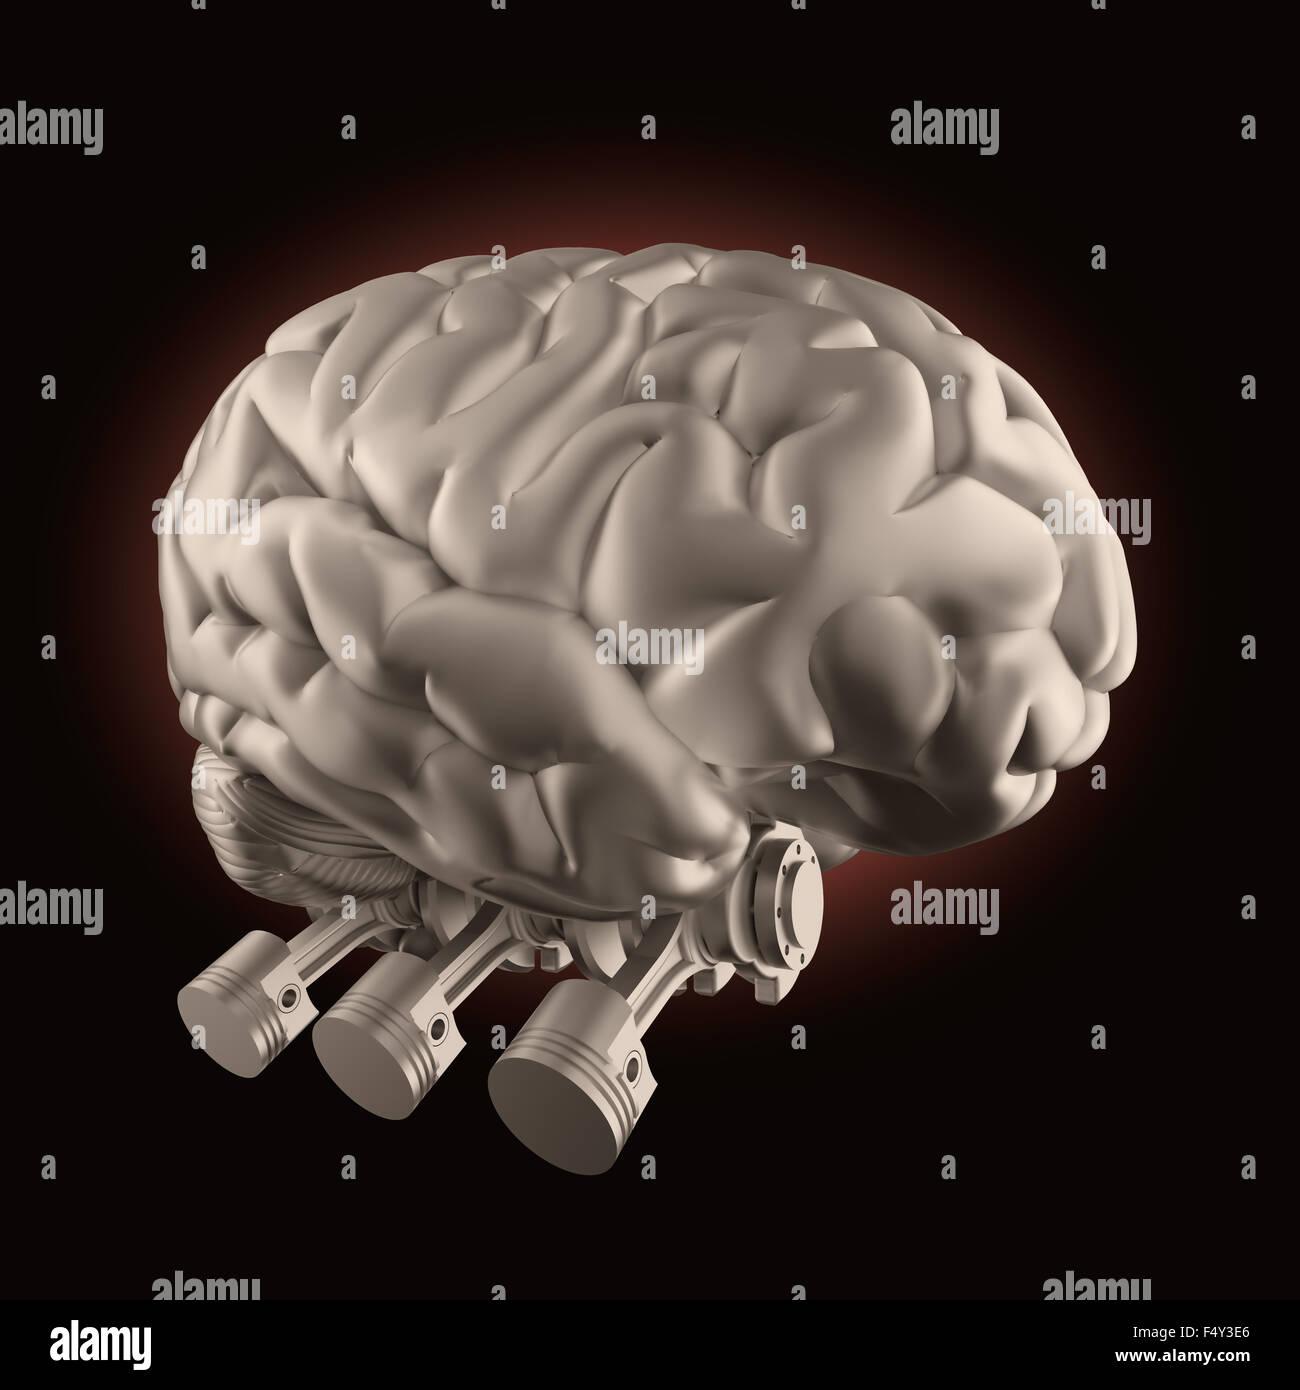 Cerebro con válvulas de motor de combustión - la estimulación cerebral y el concepto de alimentación Imagen De Stock